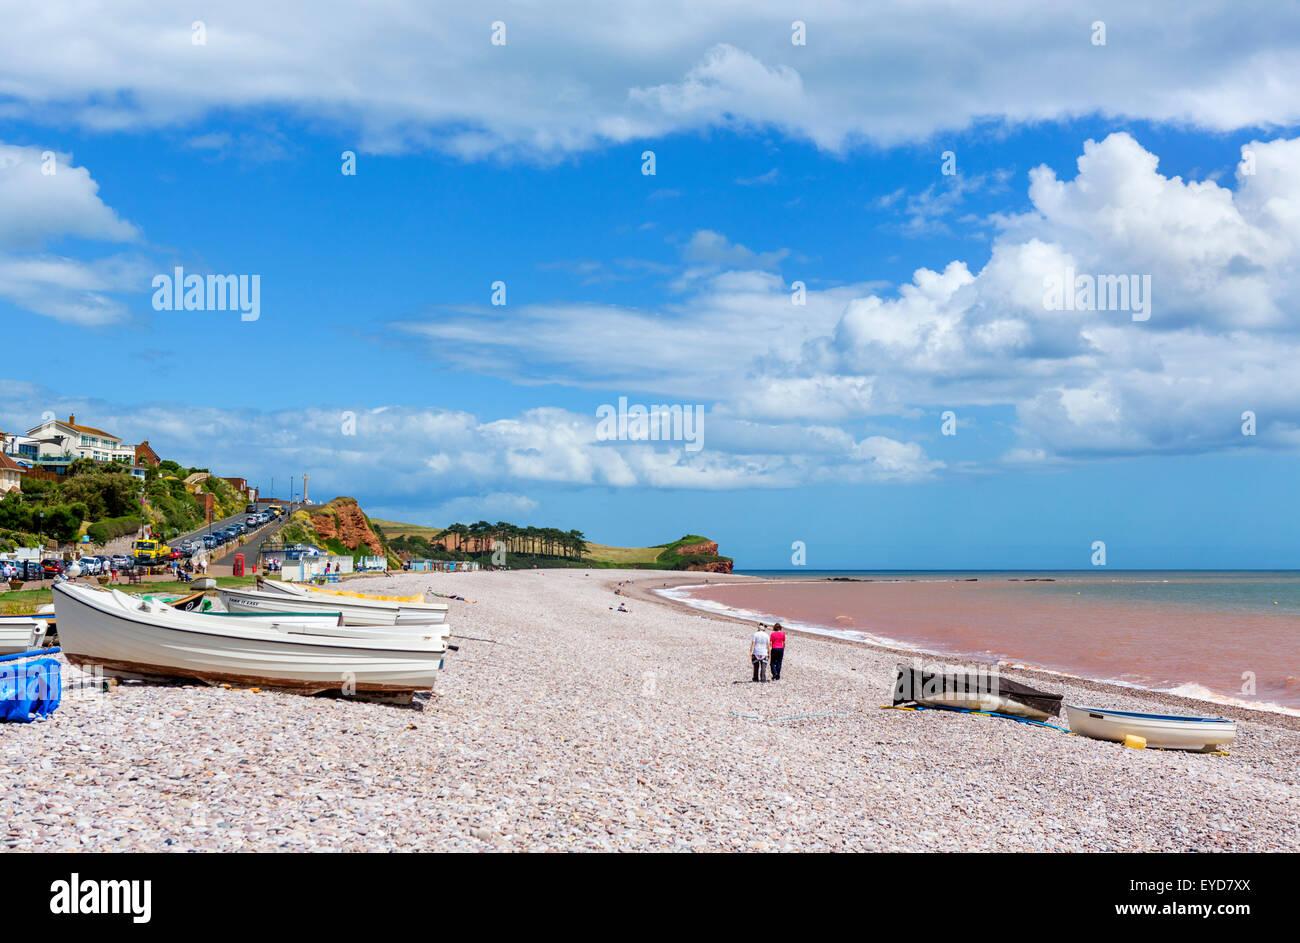 La spiaggia di ciottoli di Budleigh Salterton, Devon, Inghilterra, Regno Unito Immagini Stock